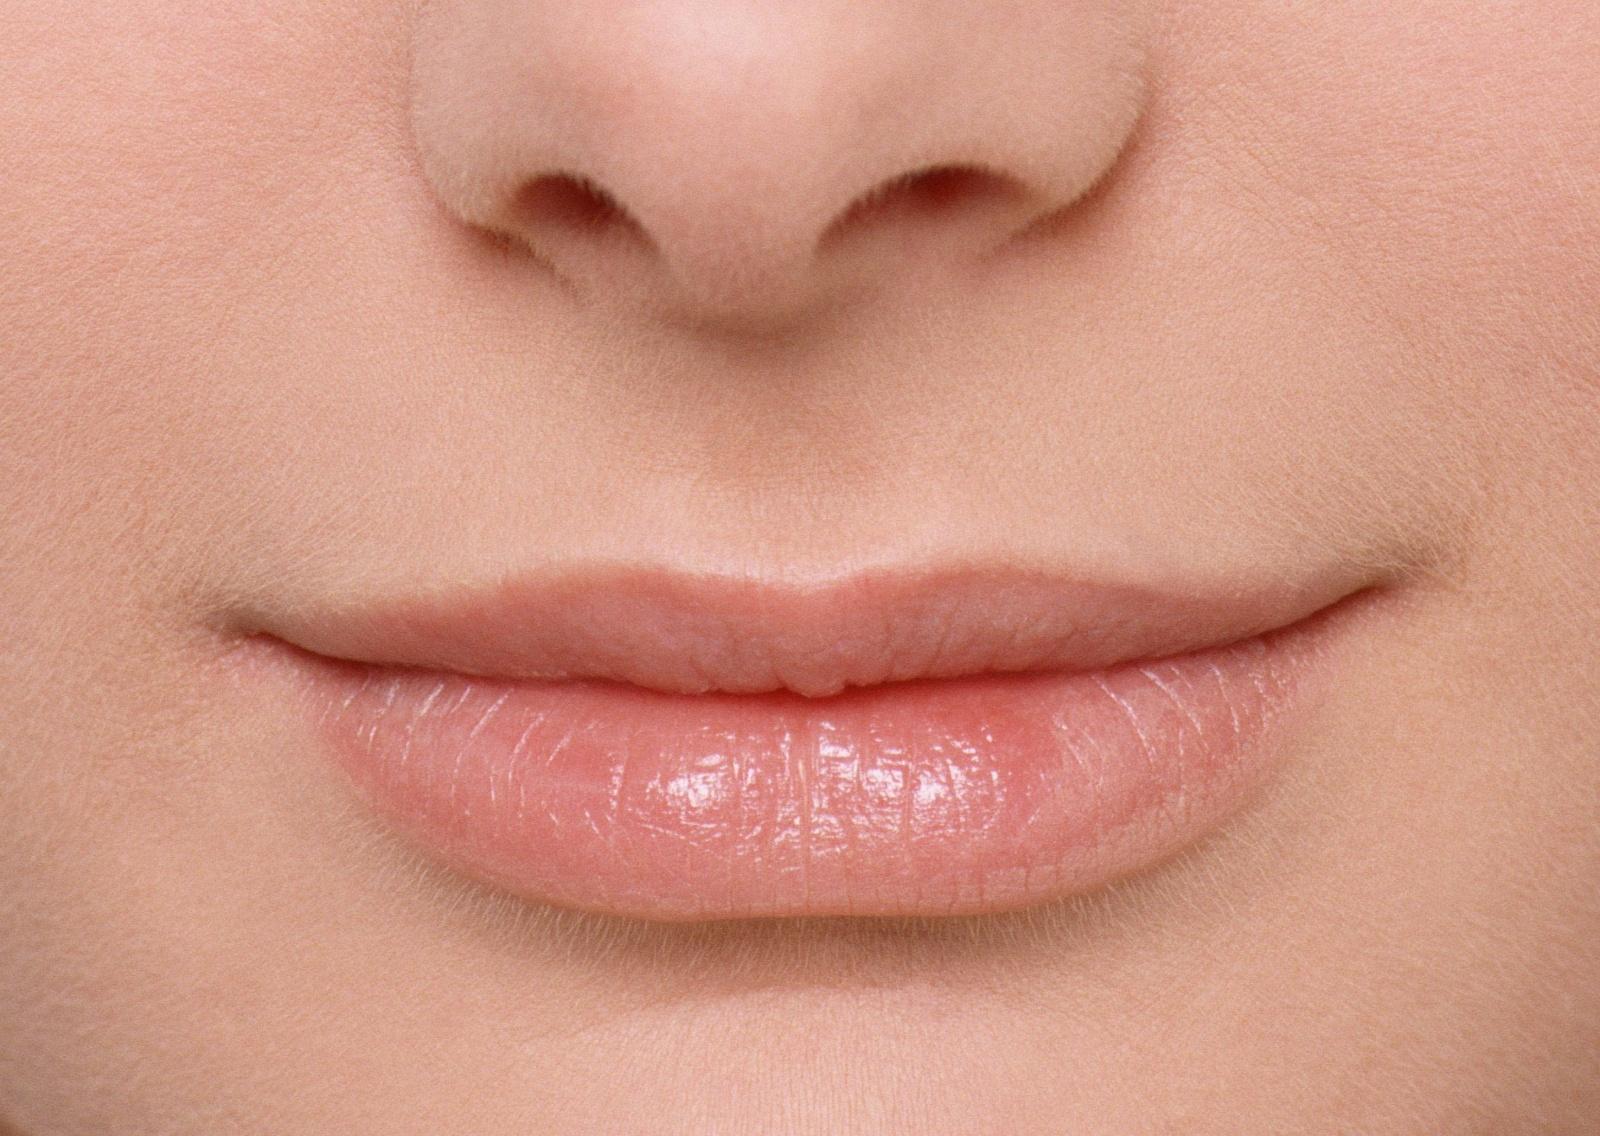 Макияж поднять уголки губ